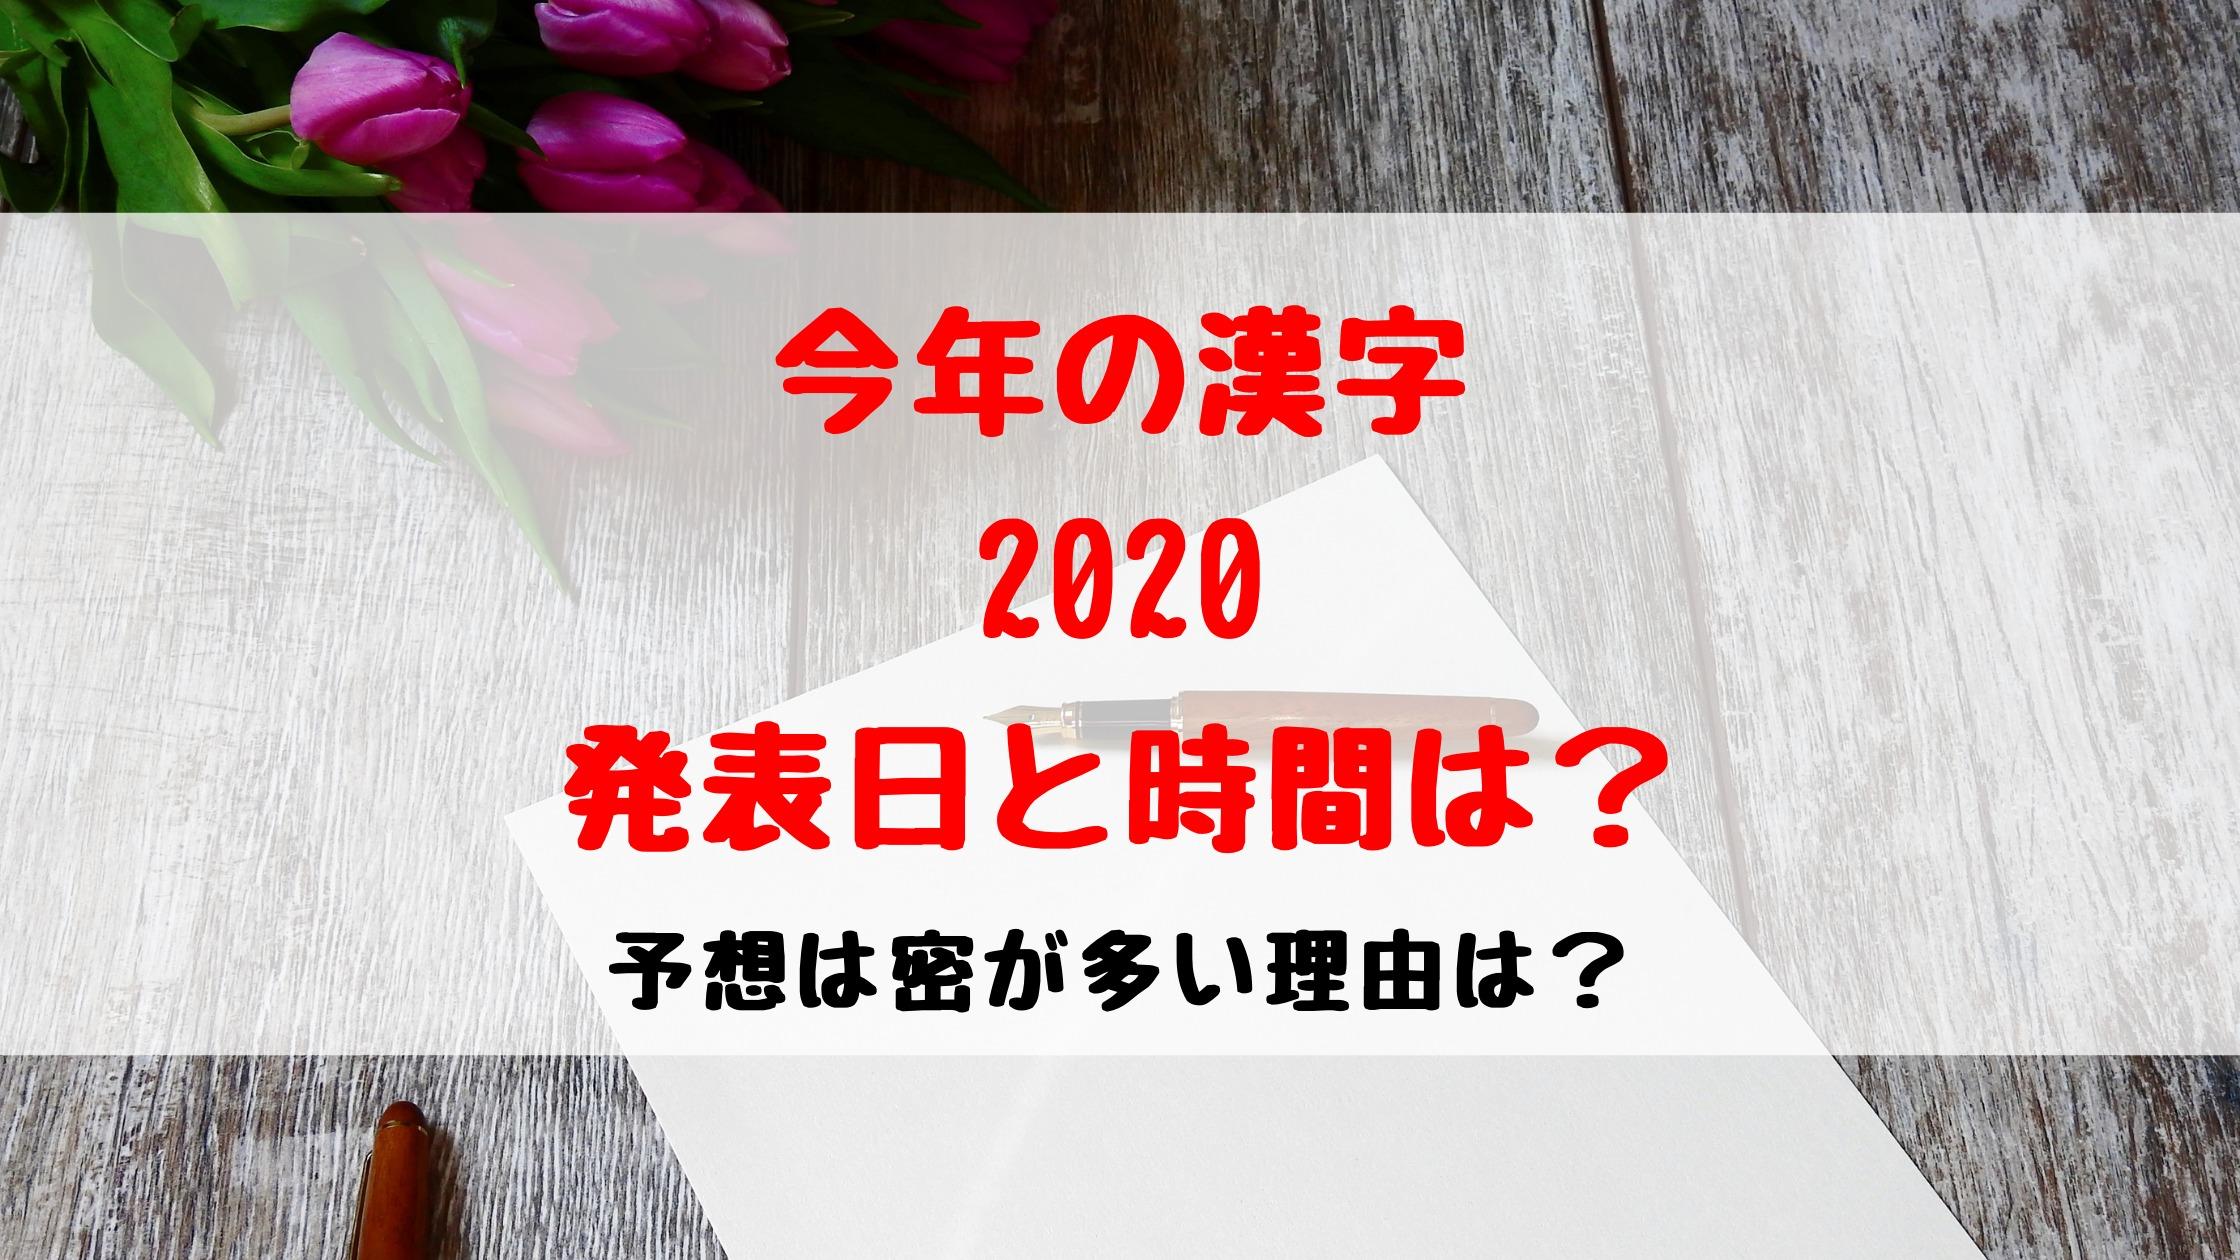 漢字 今年 2020 の